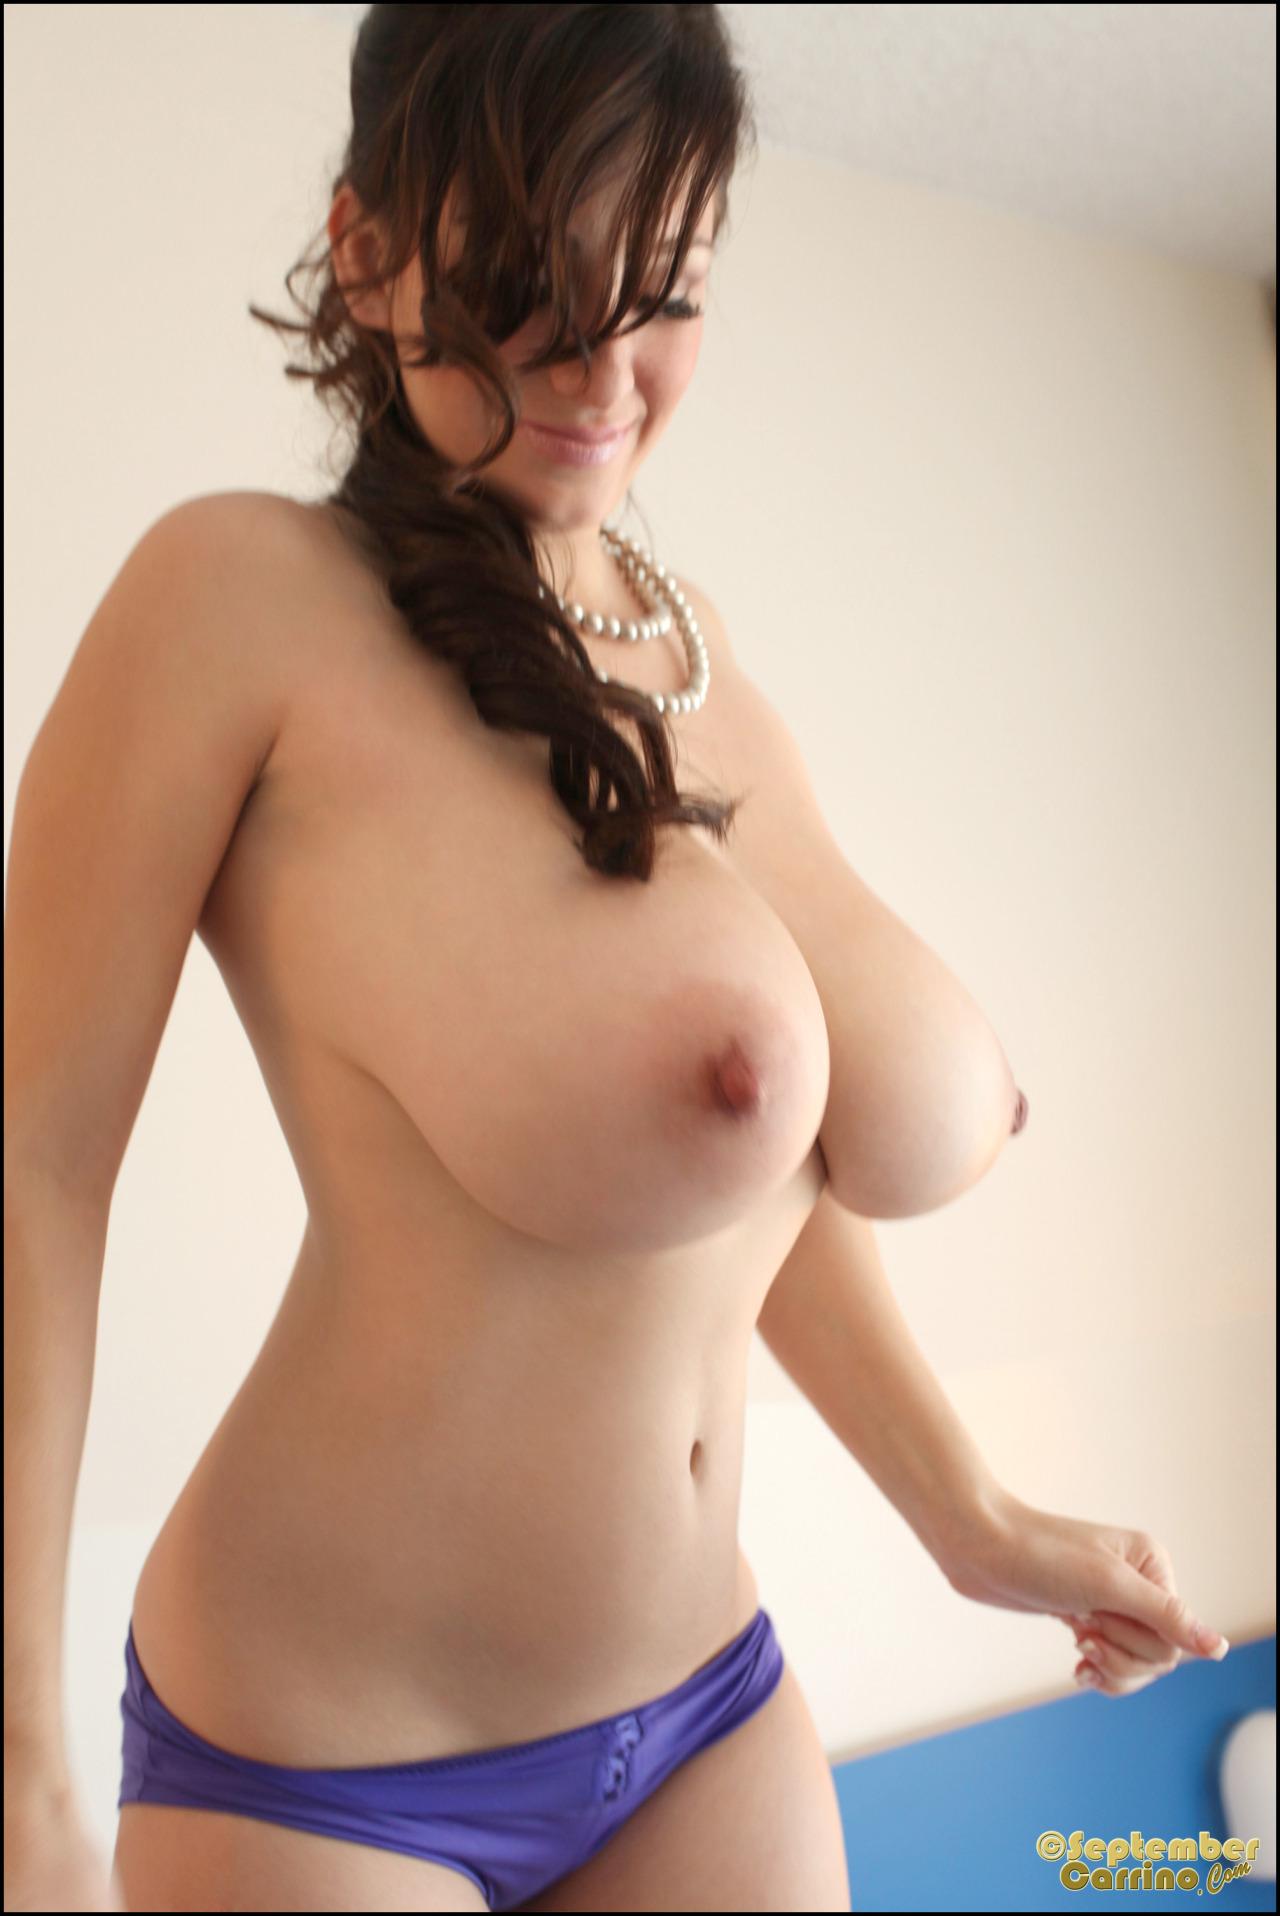 【乳と腋エロ画像】どちらも舐めたい!外人さんの美麗で卑猥な巨乳と腋下www 11